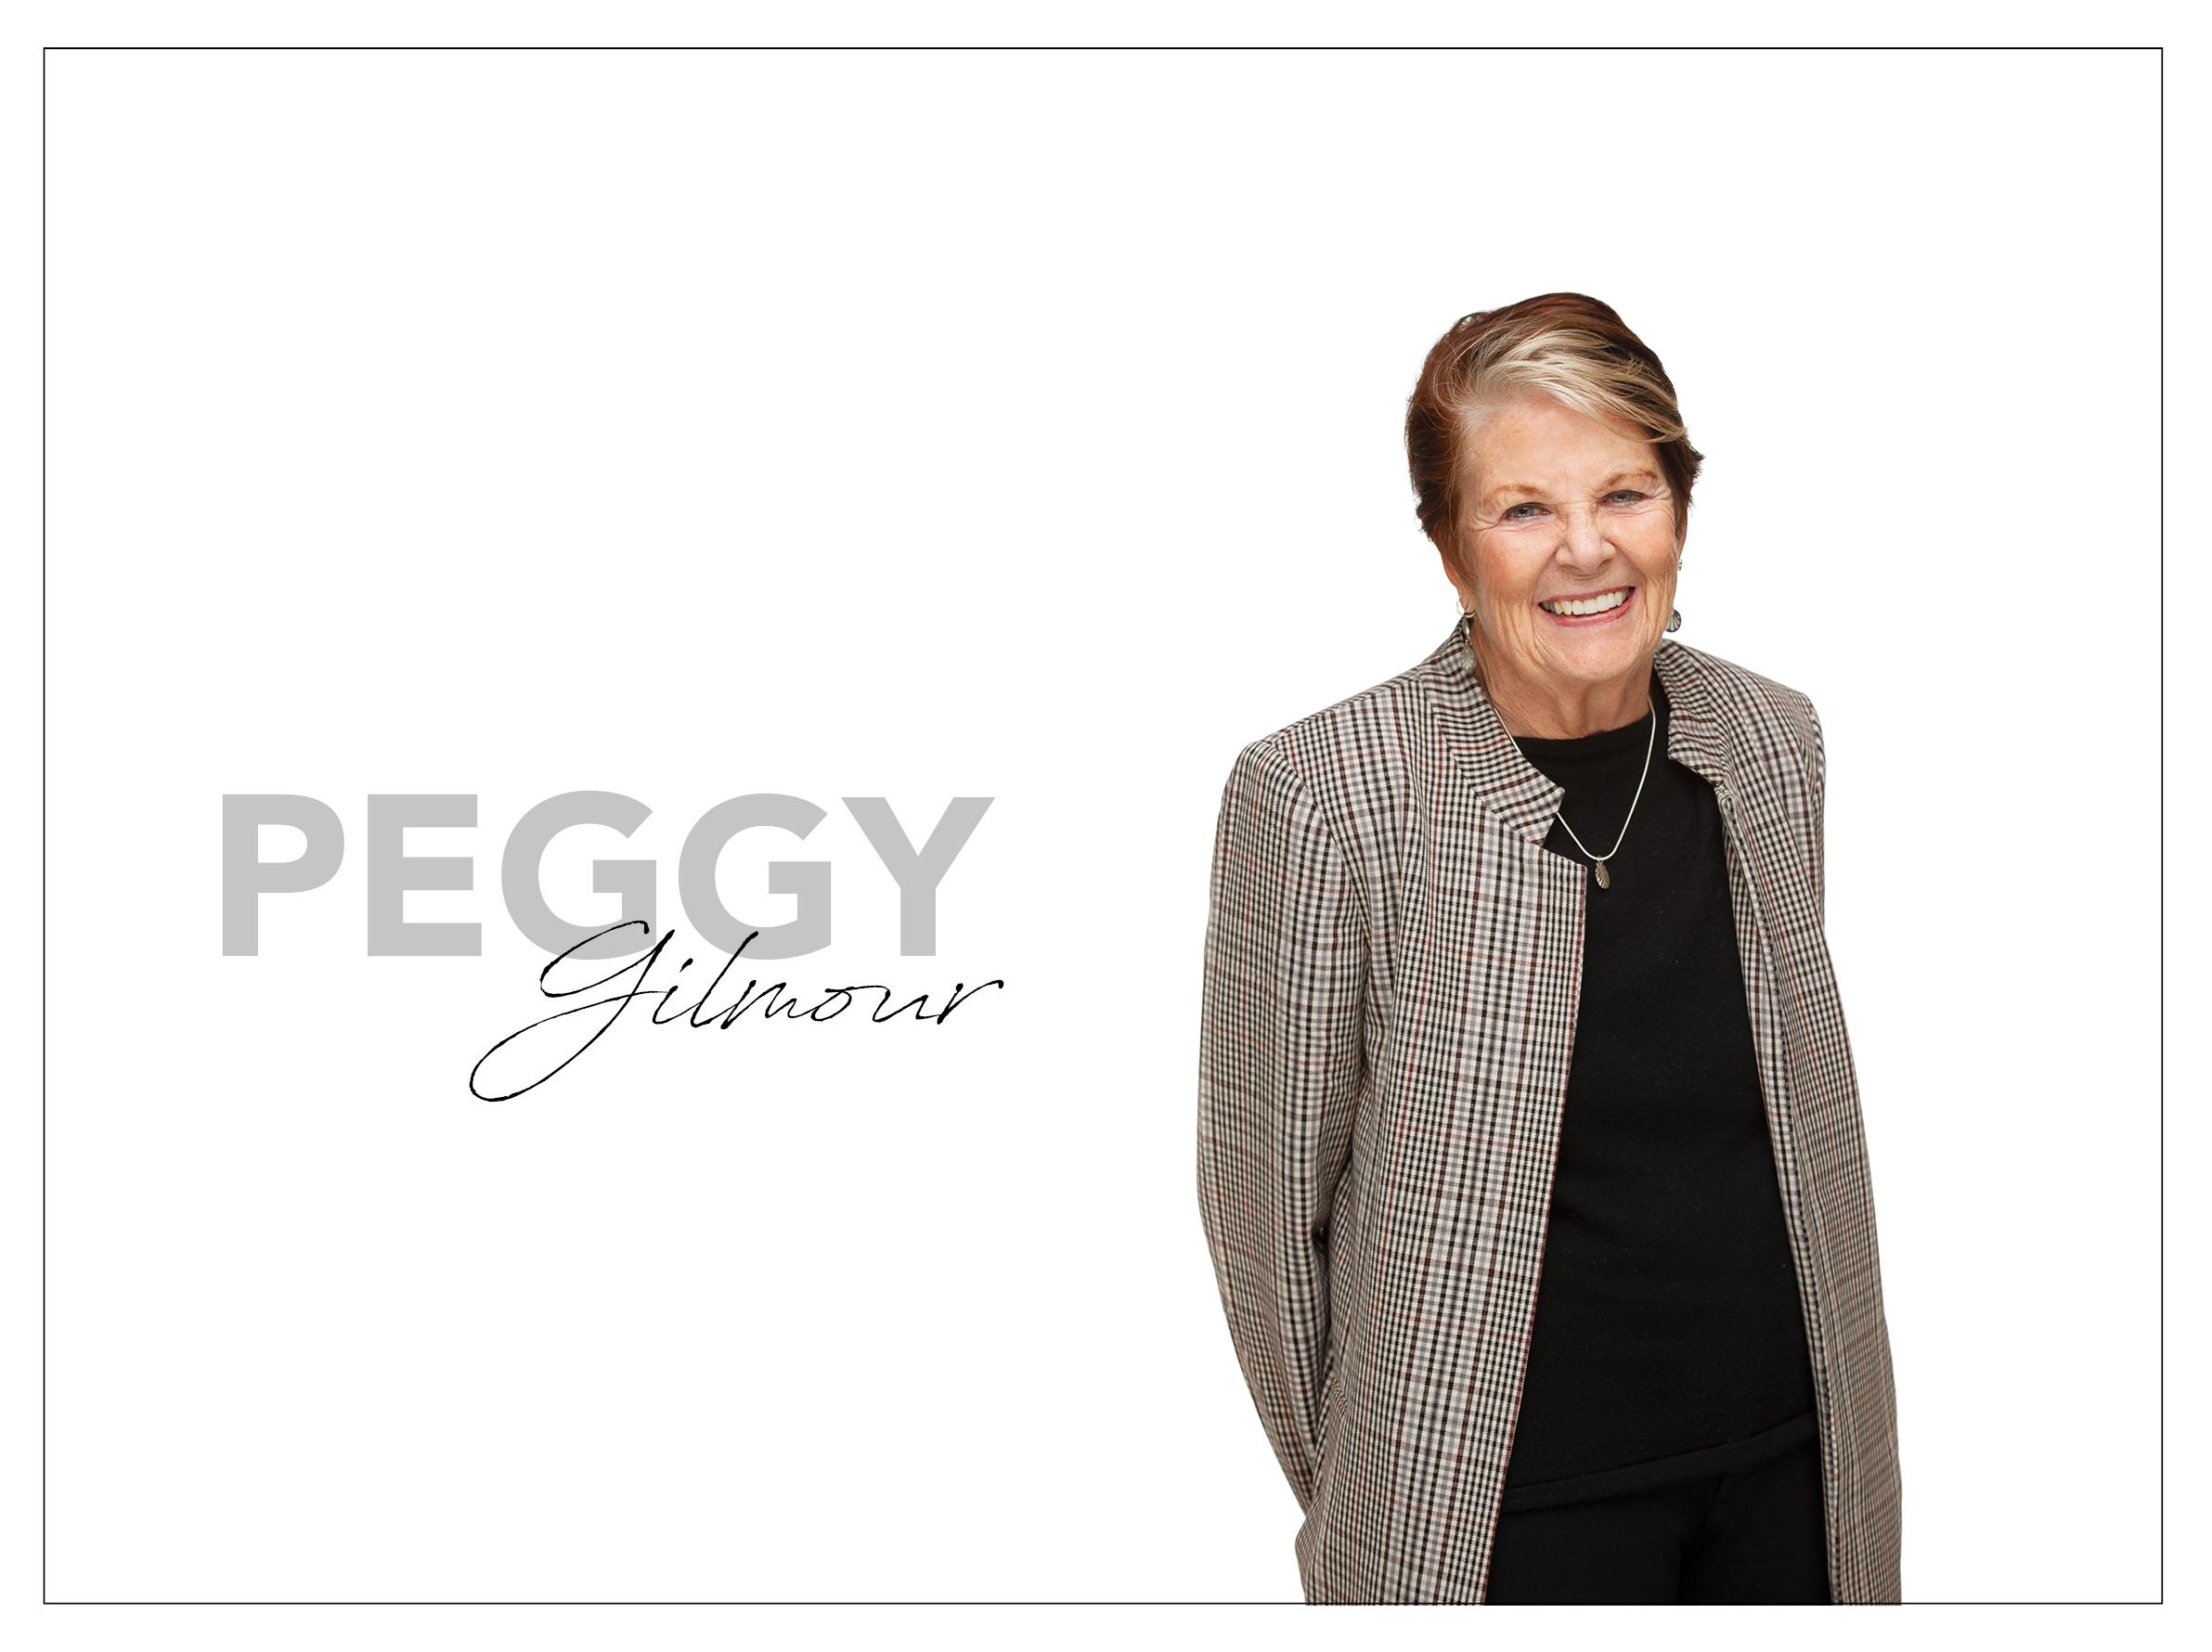 PeggyGilmour_CarouselPhoto